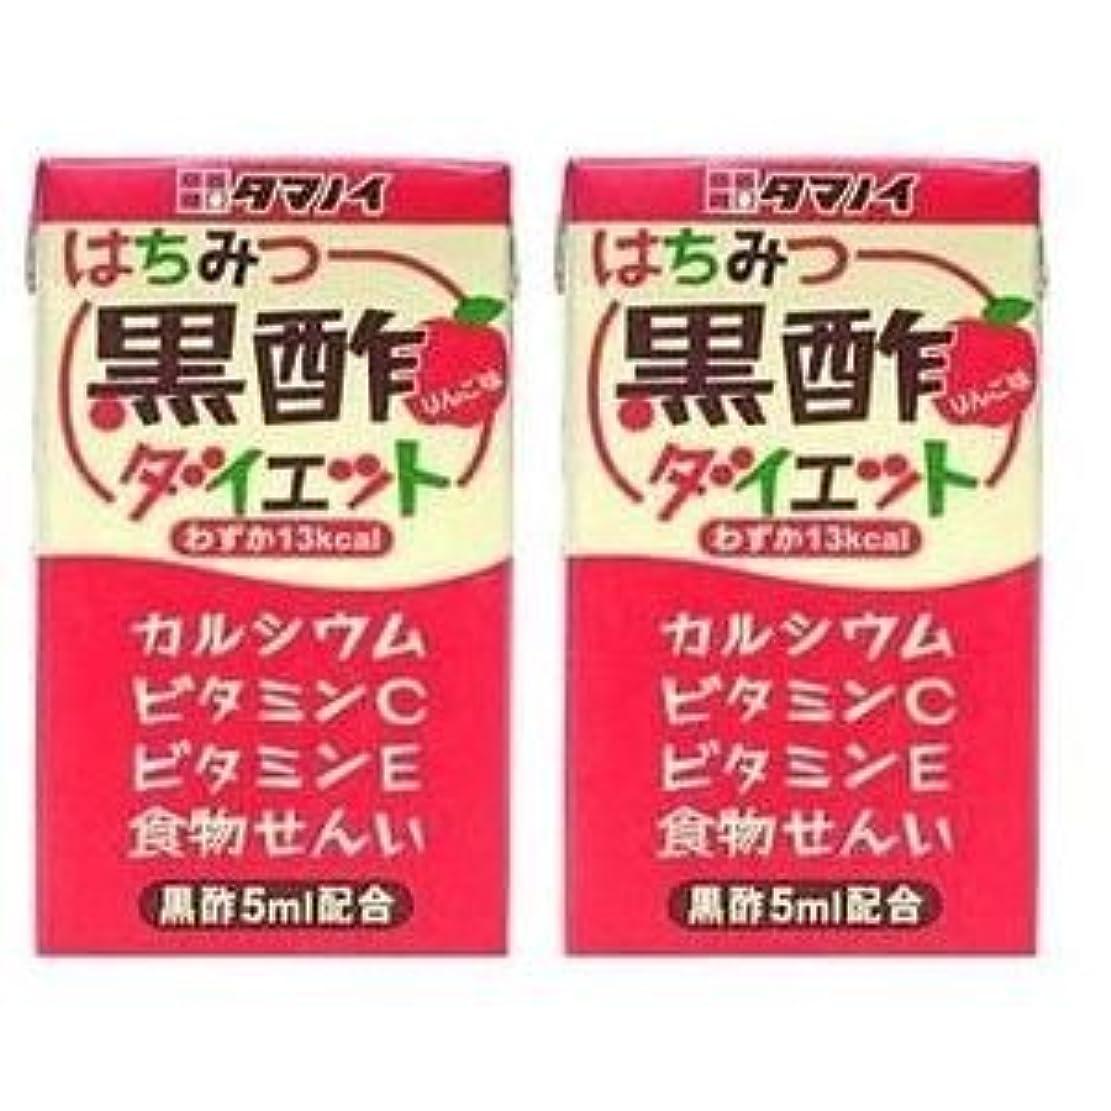 意図する突き出す助けになるはちみつ黒酢ダイエットLL125ML0 タマノ井酢(株)